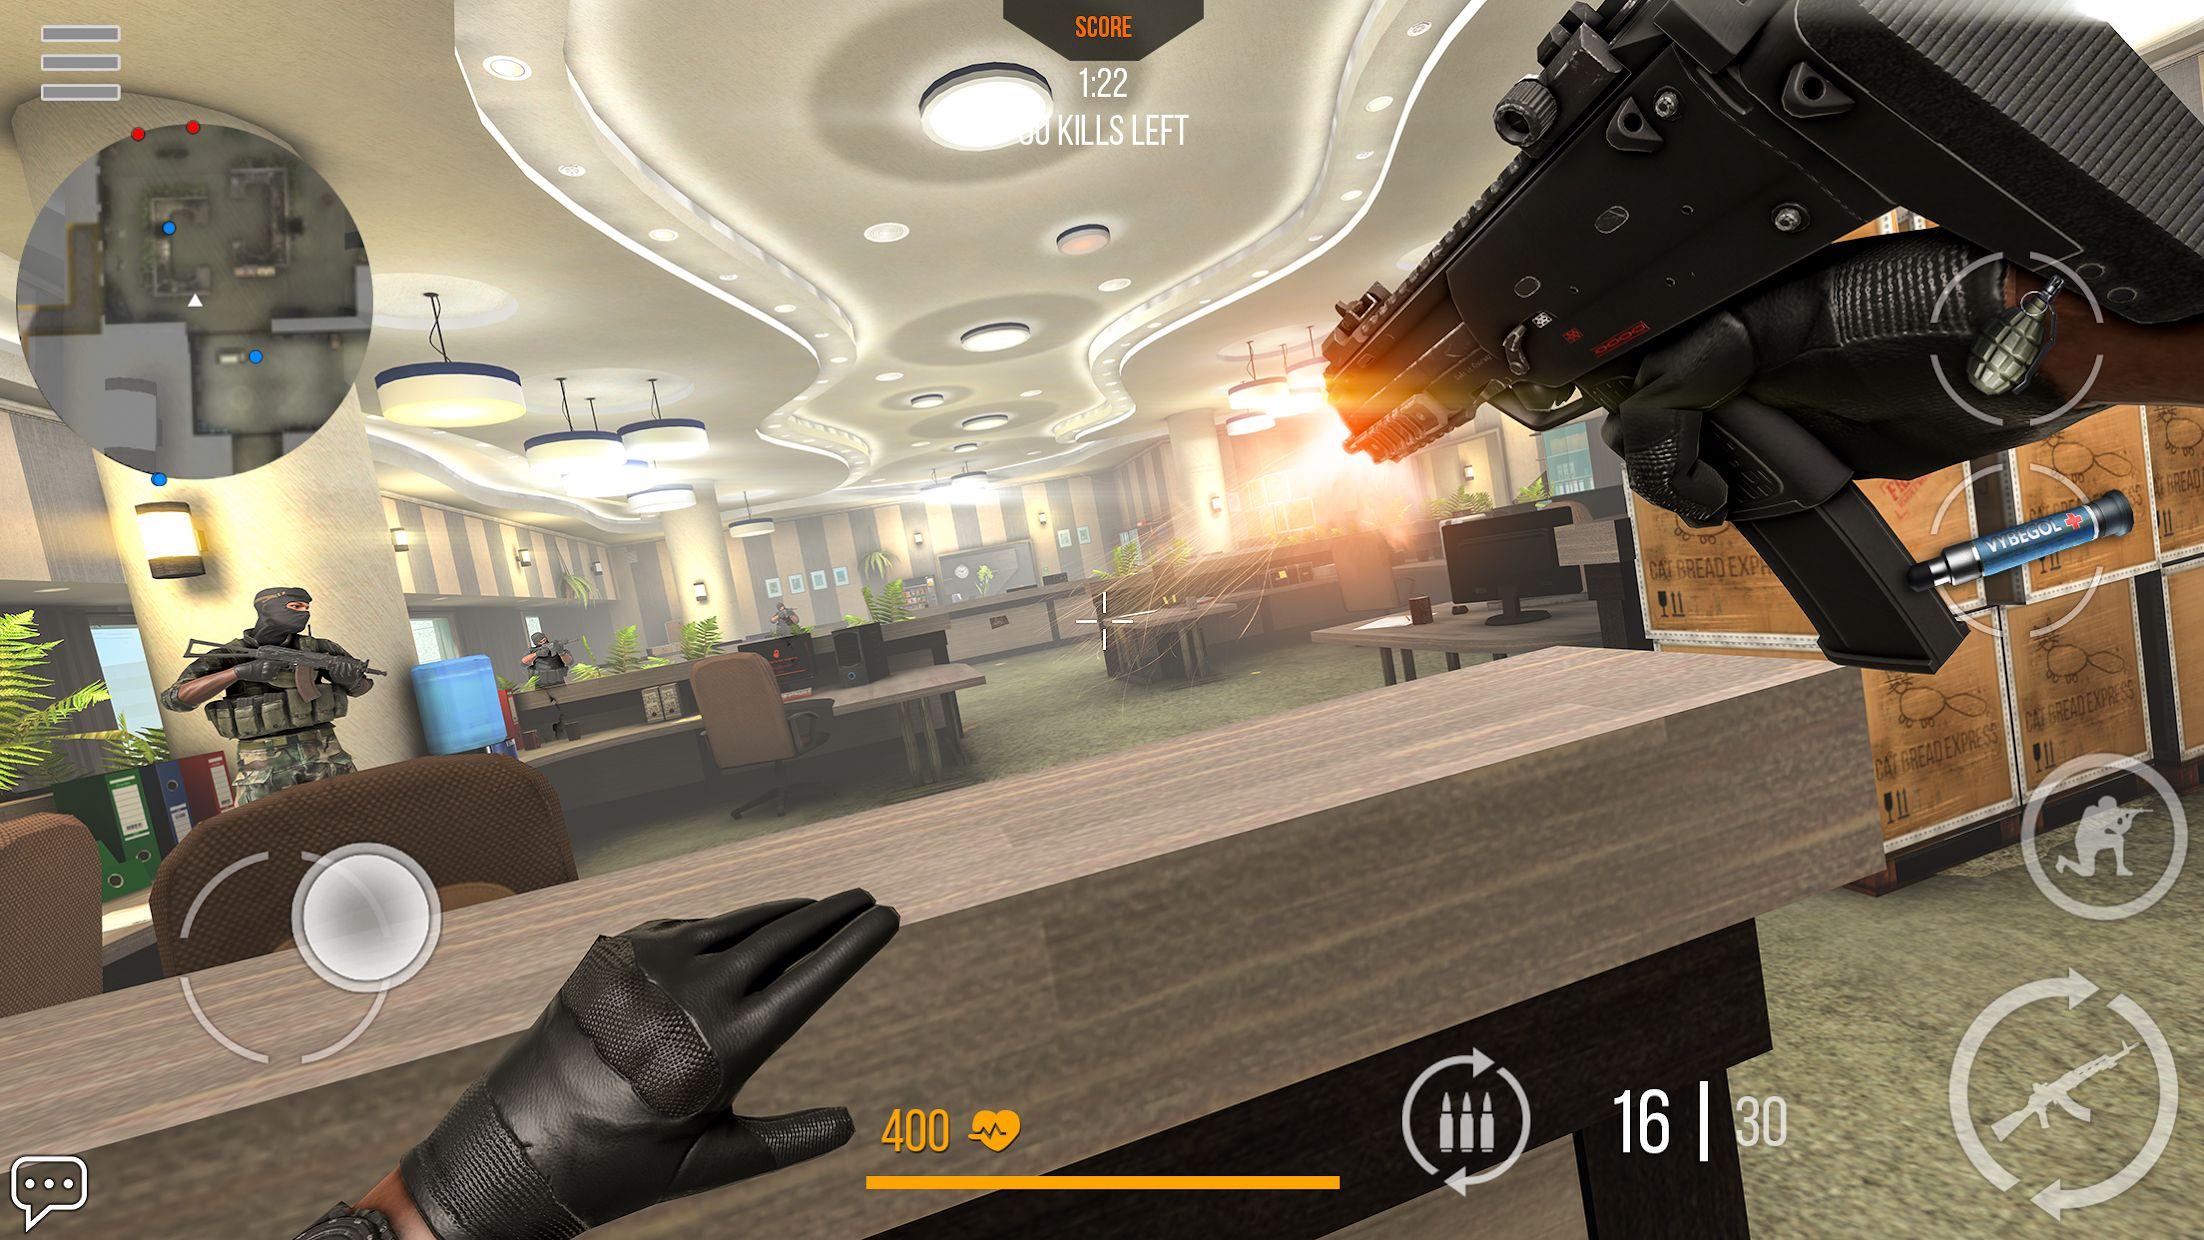 火线出击 Online: 战争游戏 射击游戏网络游戏 游戏截图3